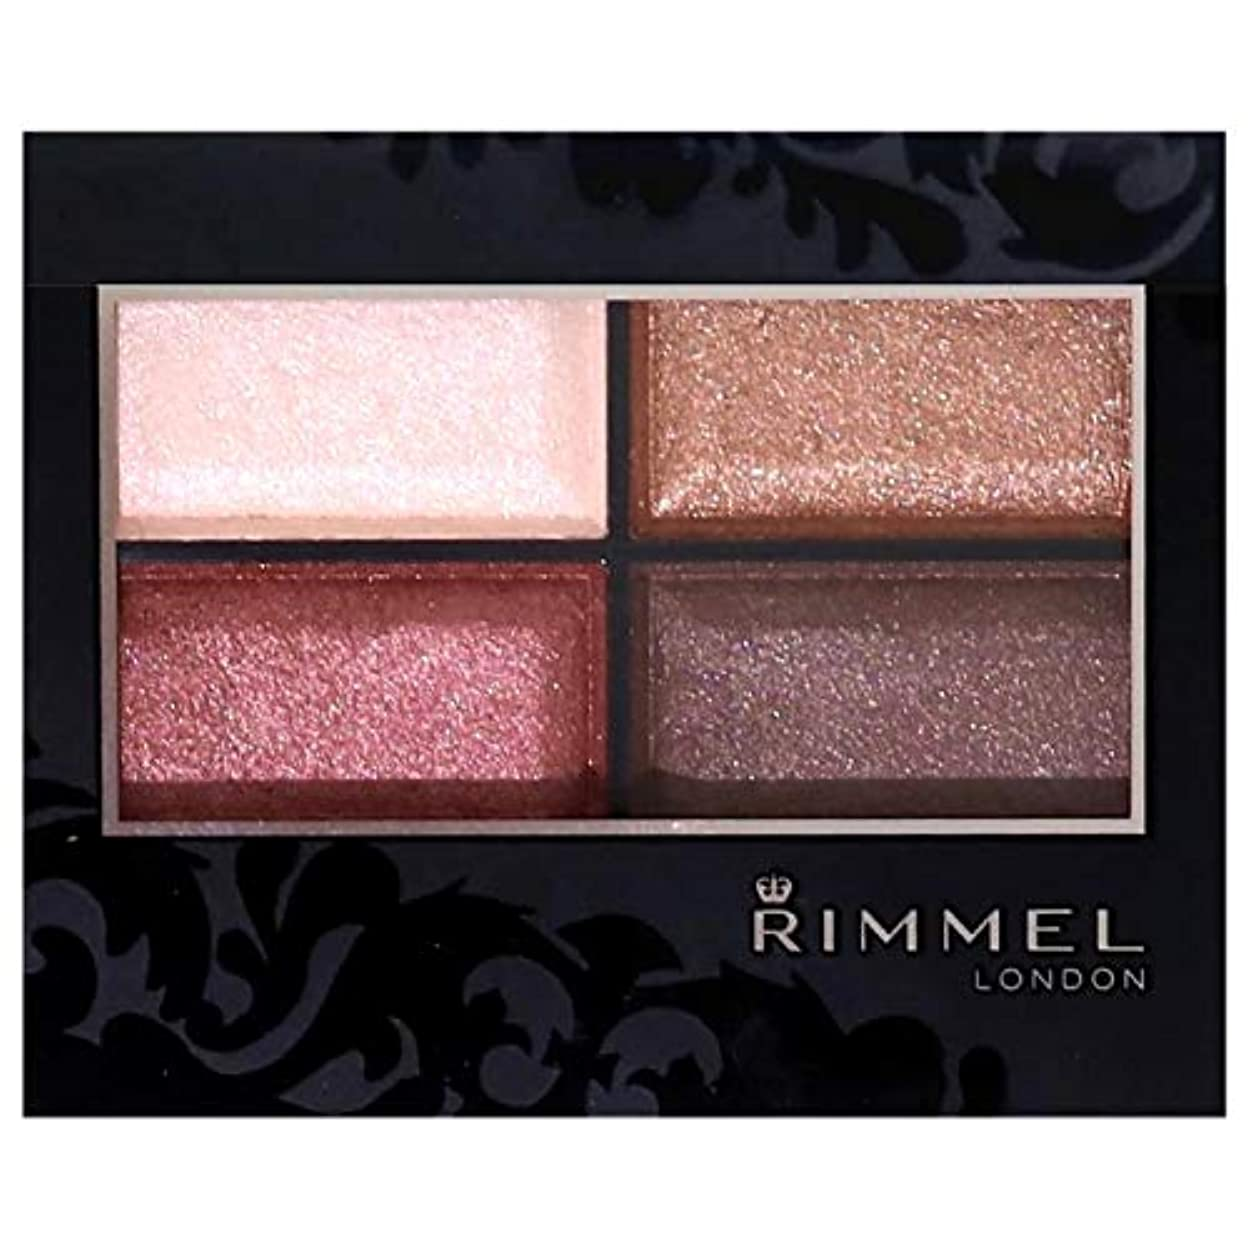 横農学上Rimmel (リンメル) リンメル ロイヤルヴィンテージ アイズ 016 ガーネットカッパー 4.1g アイシャドウ